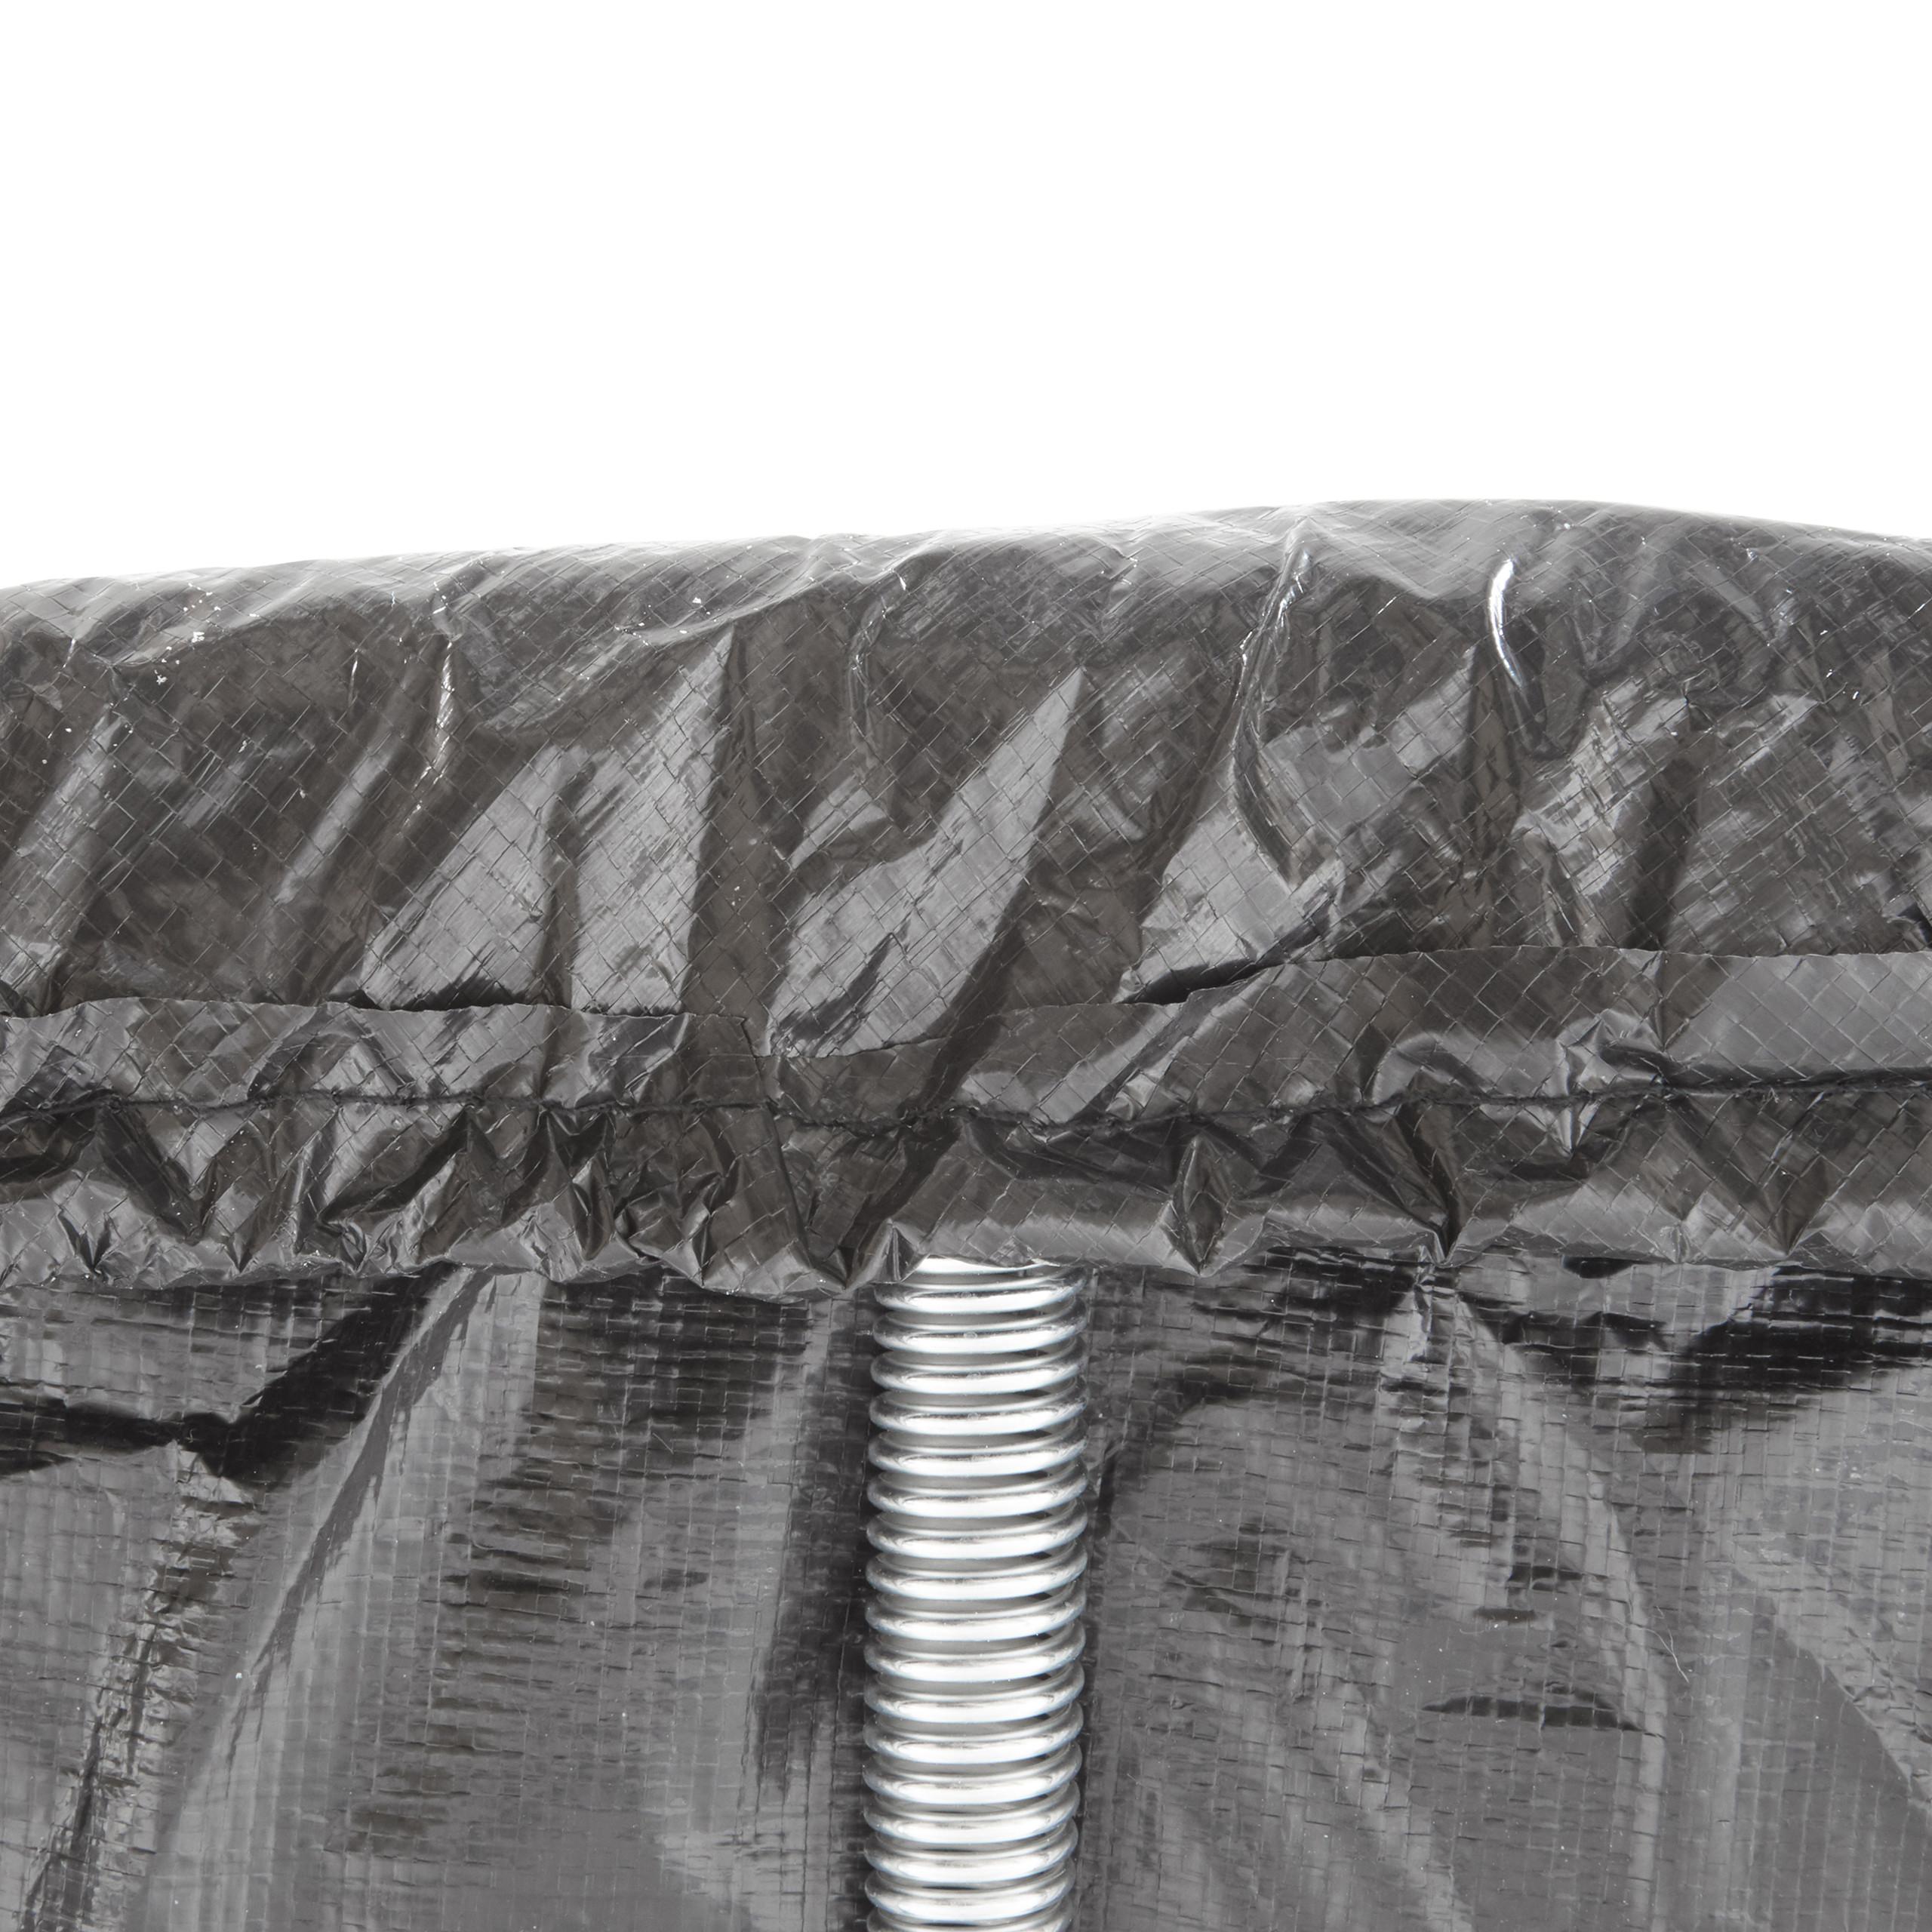 Housse-de-Protection-pour-Trampoline-Bache-pluie-vent-jardin-intemperies miniature 8